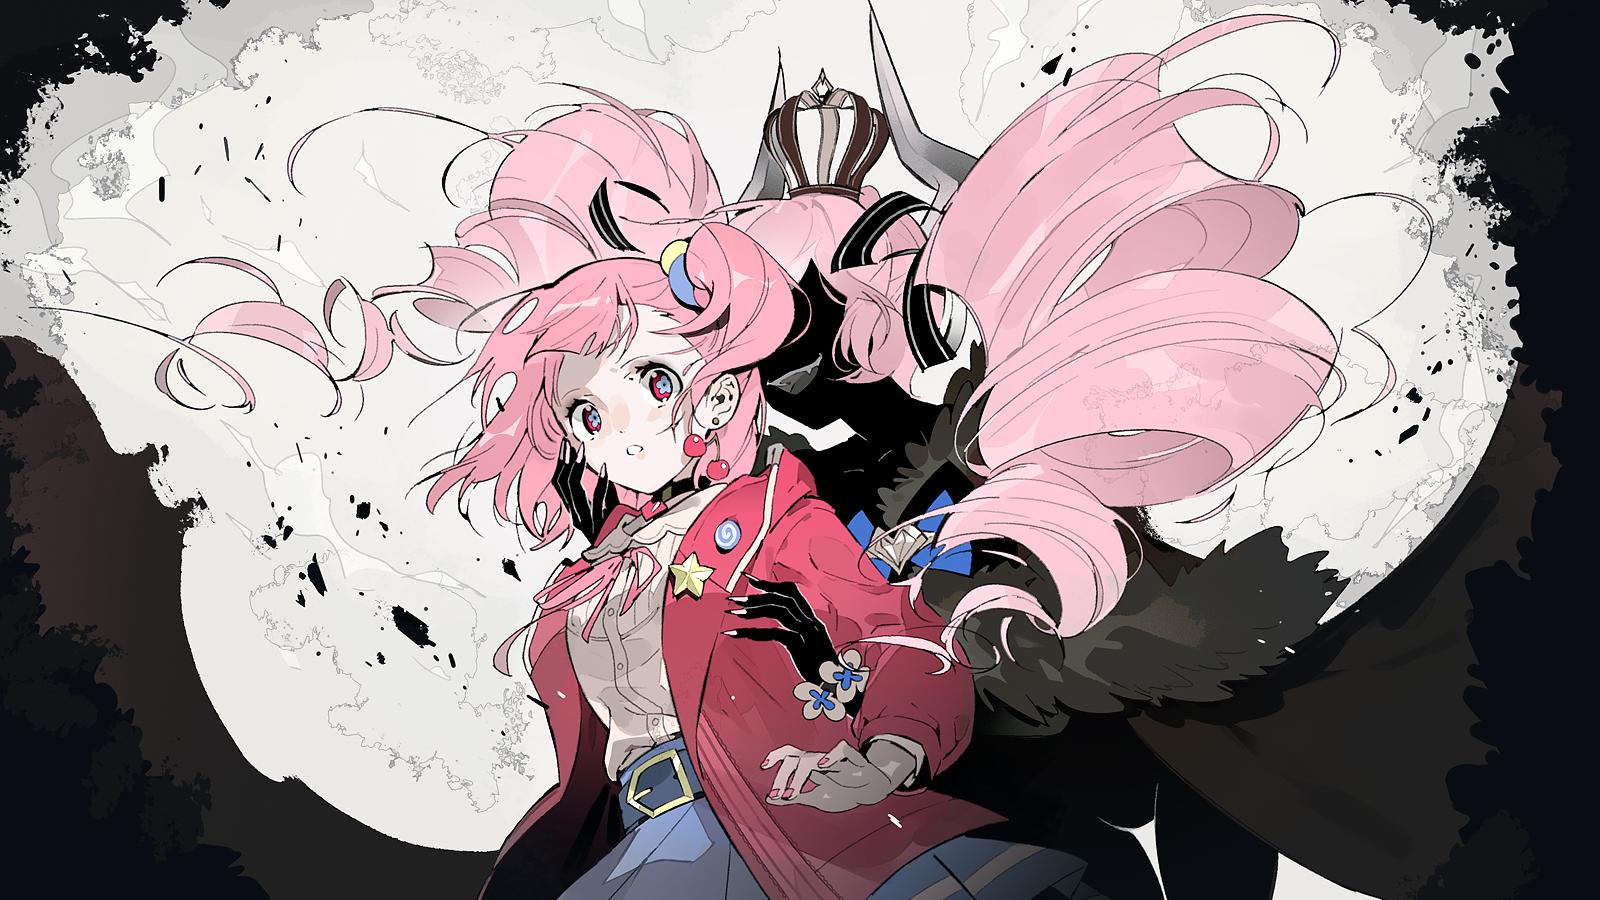 Kuroka's Dream